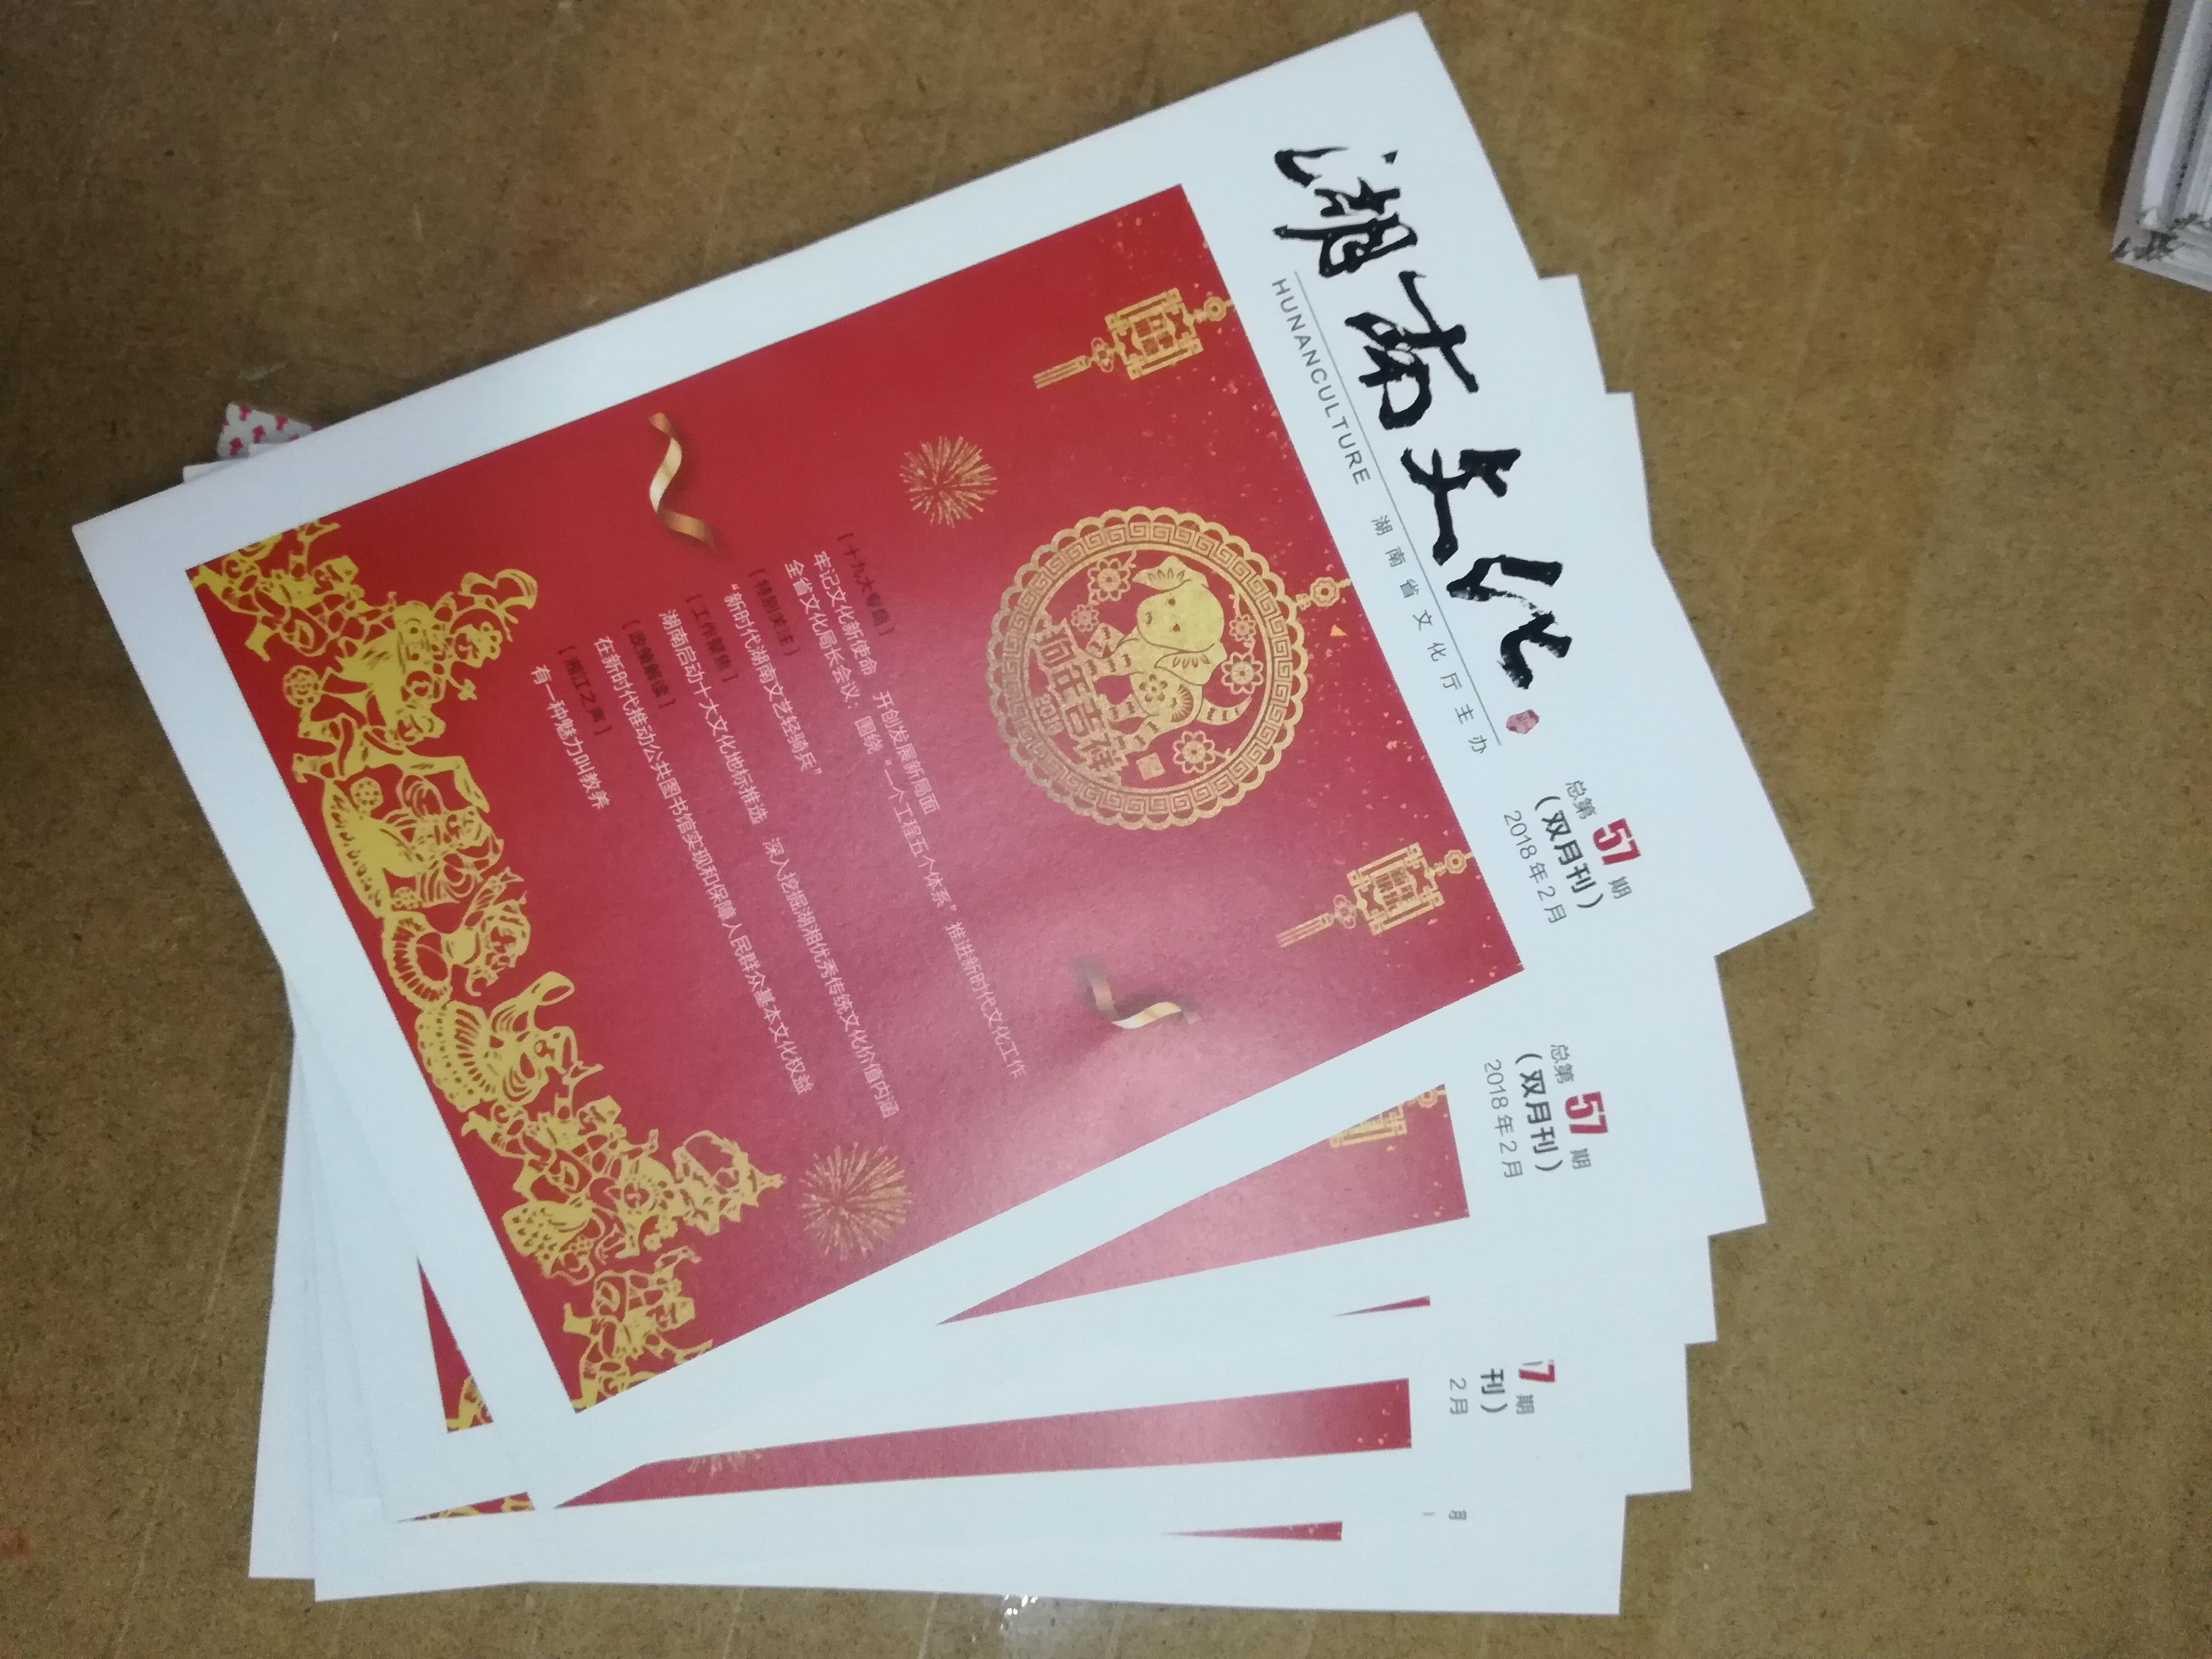 湖南印刷厂 日大彩印助力湖南文化推广事业